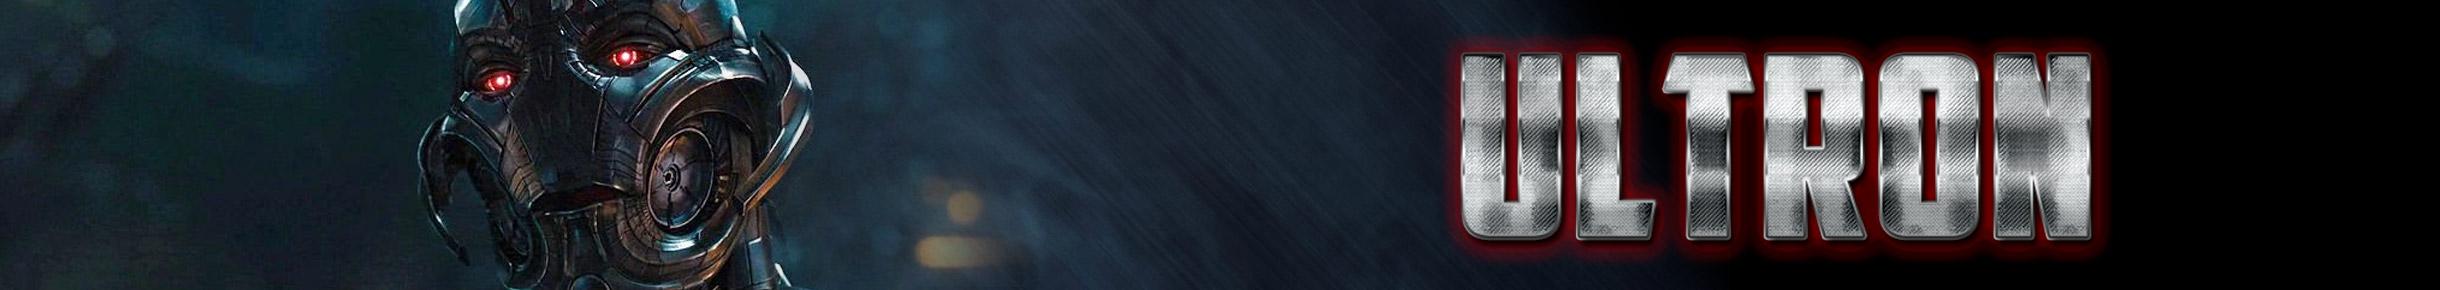 Ultron Merchandise Banner